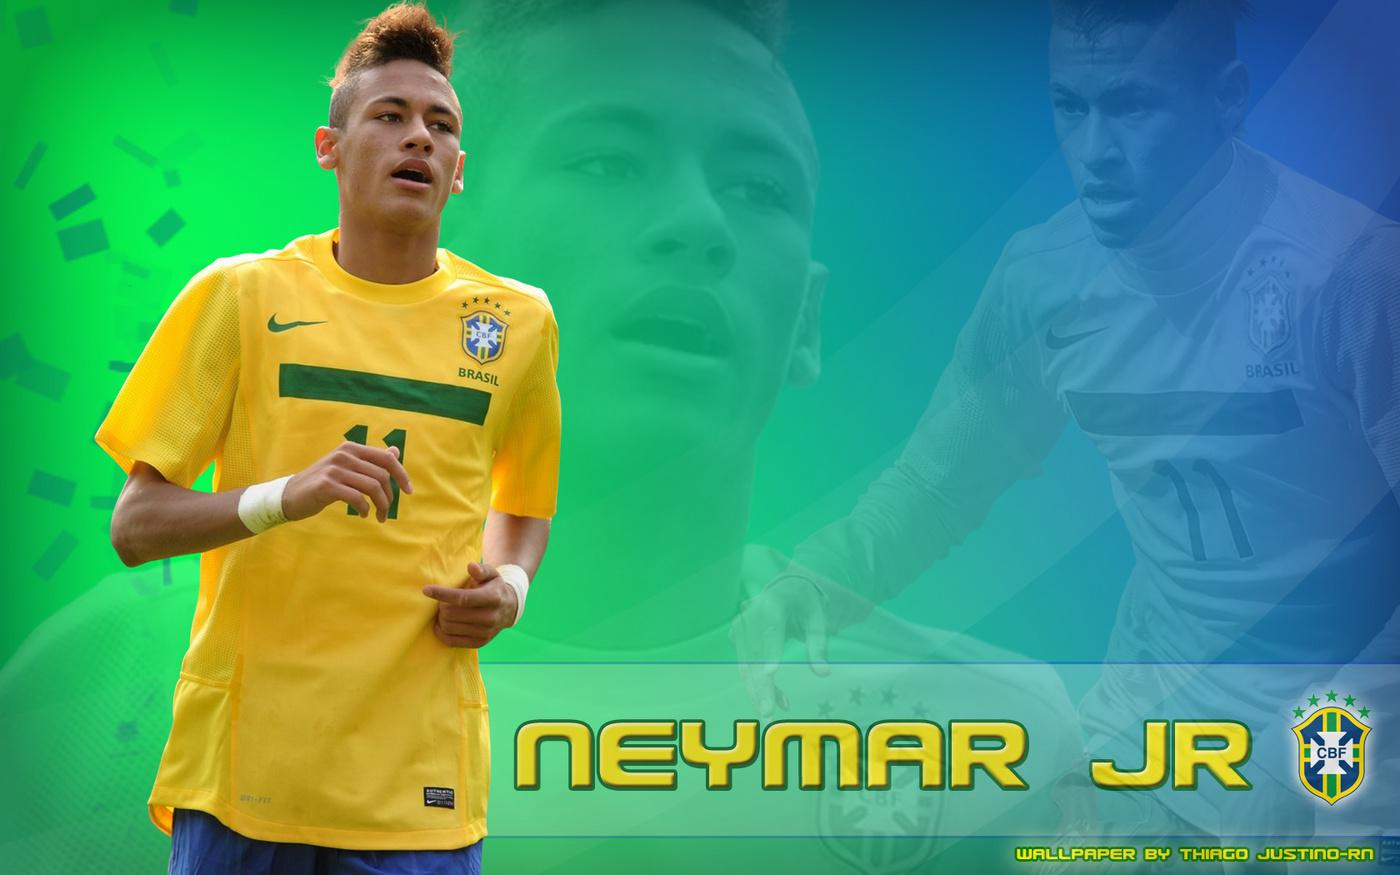 http://2.bp.blogspot.com/-u5pn1YVvbAc/T0x0v_DBqgI/AAAAAAAAAs8/UoqD7_mhsjc/s1600/Neymar+Wallpaper+1.jpg